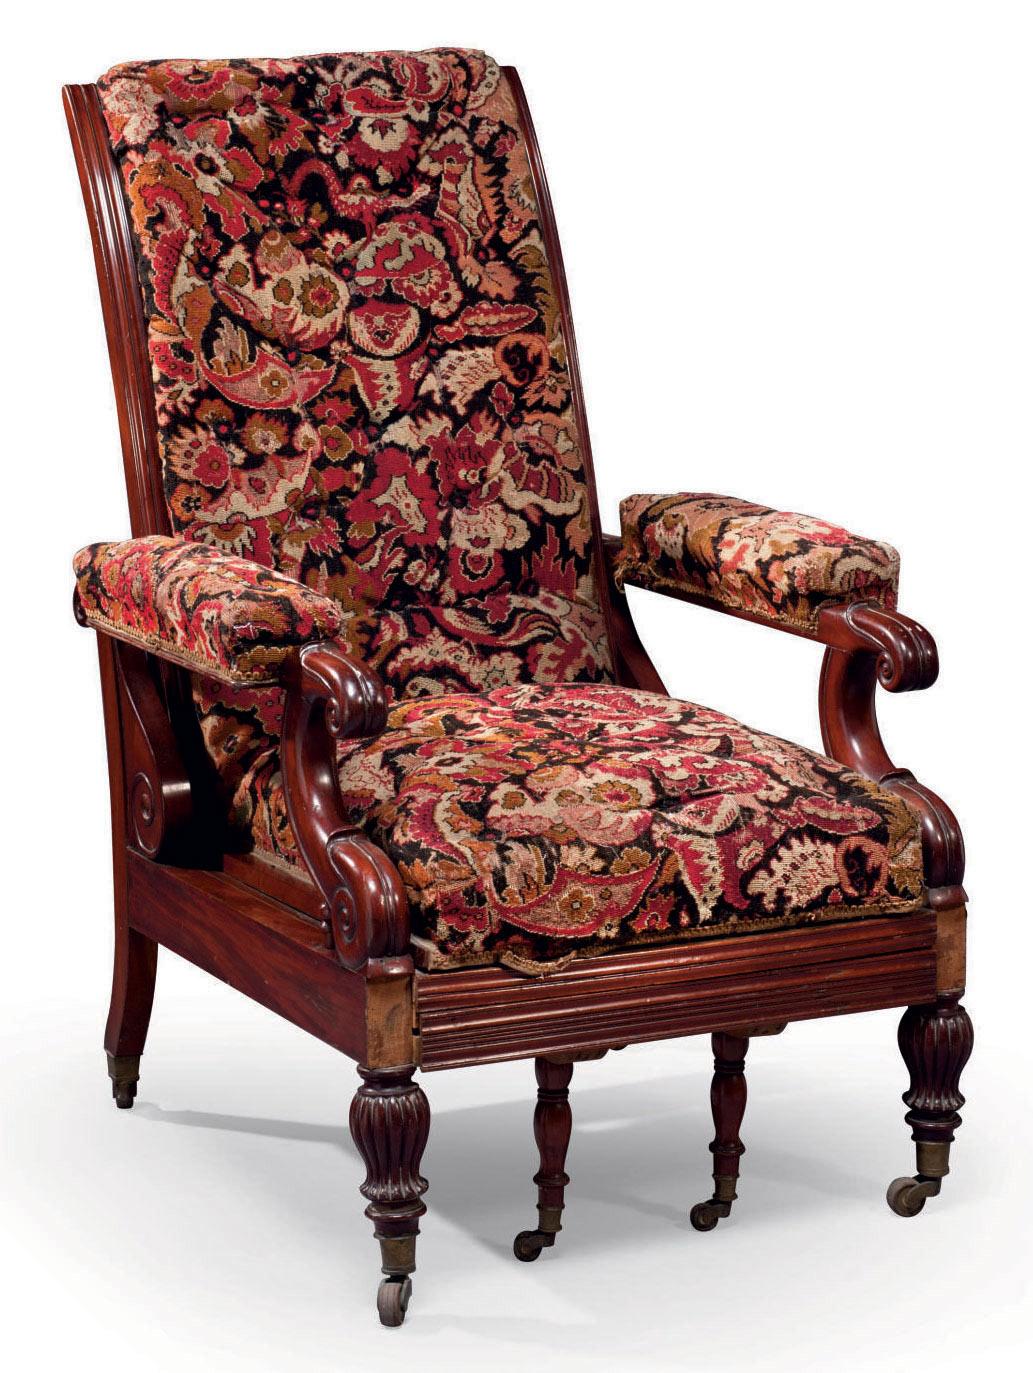 fauteuil inclinable d 39 epoque louis philippe second tiers du xixeme siecle christie 39 s. Black Bedroom Furniture Sets. Home Design Ideas